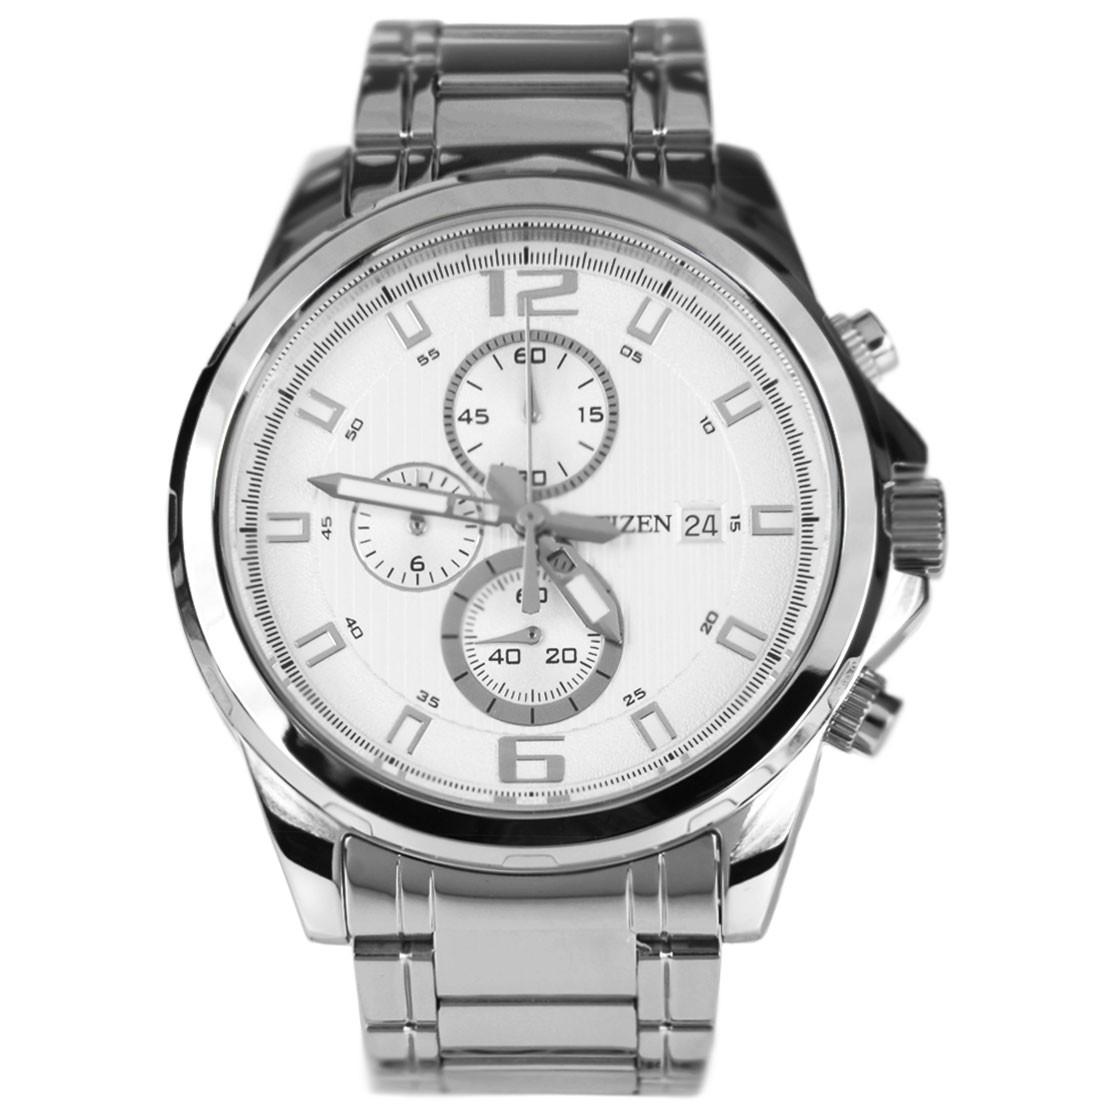 Citizen Chronograph Men's Watch รุ่น AN3550-55A